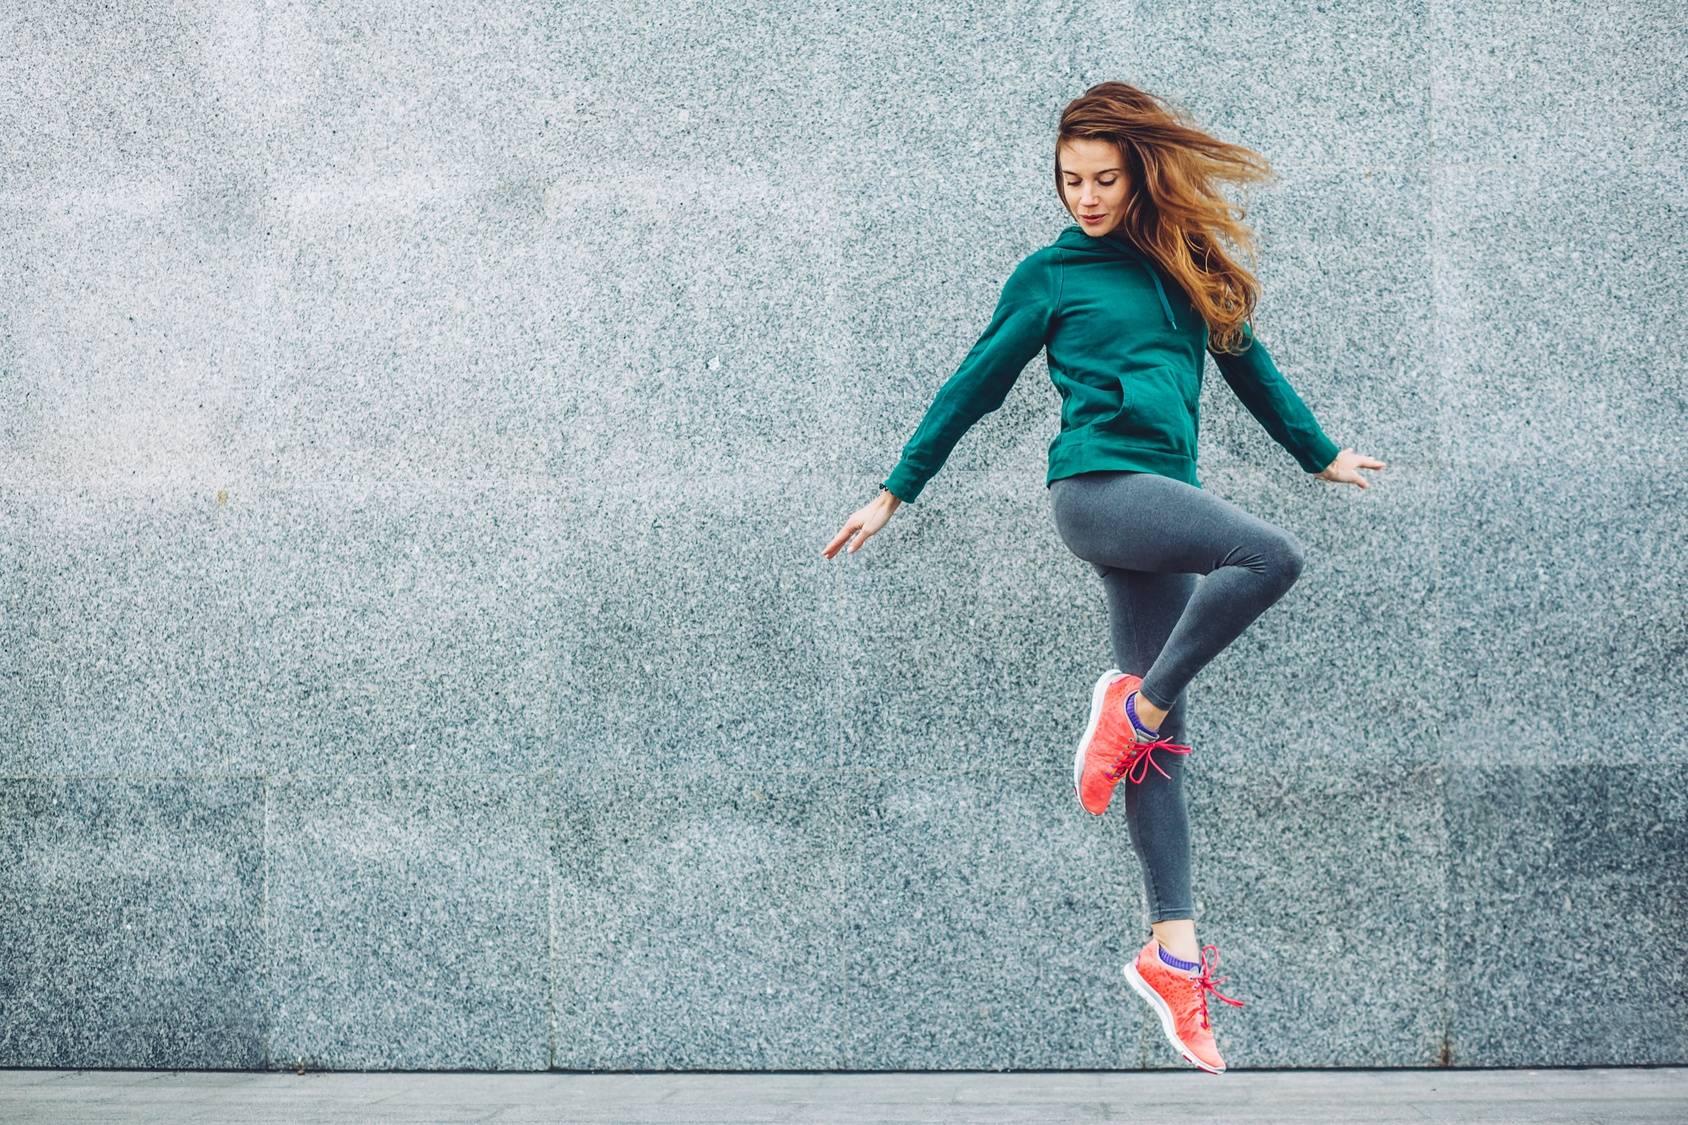 Sok z buraka - izotonik dla sportowców. Kobieta w sportowym stroju uprawiająca jogging.